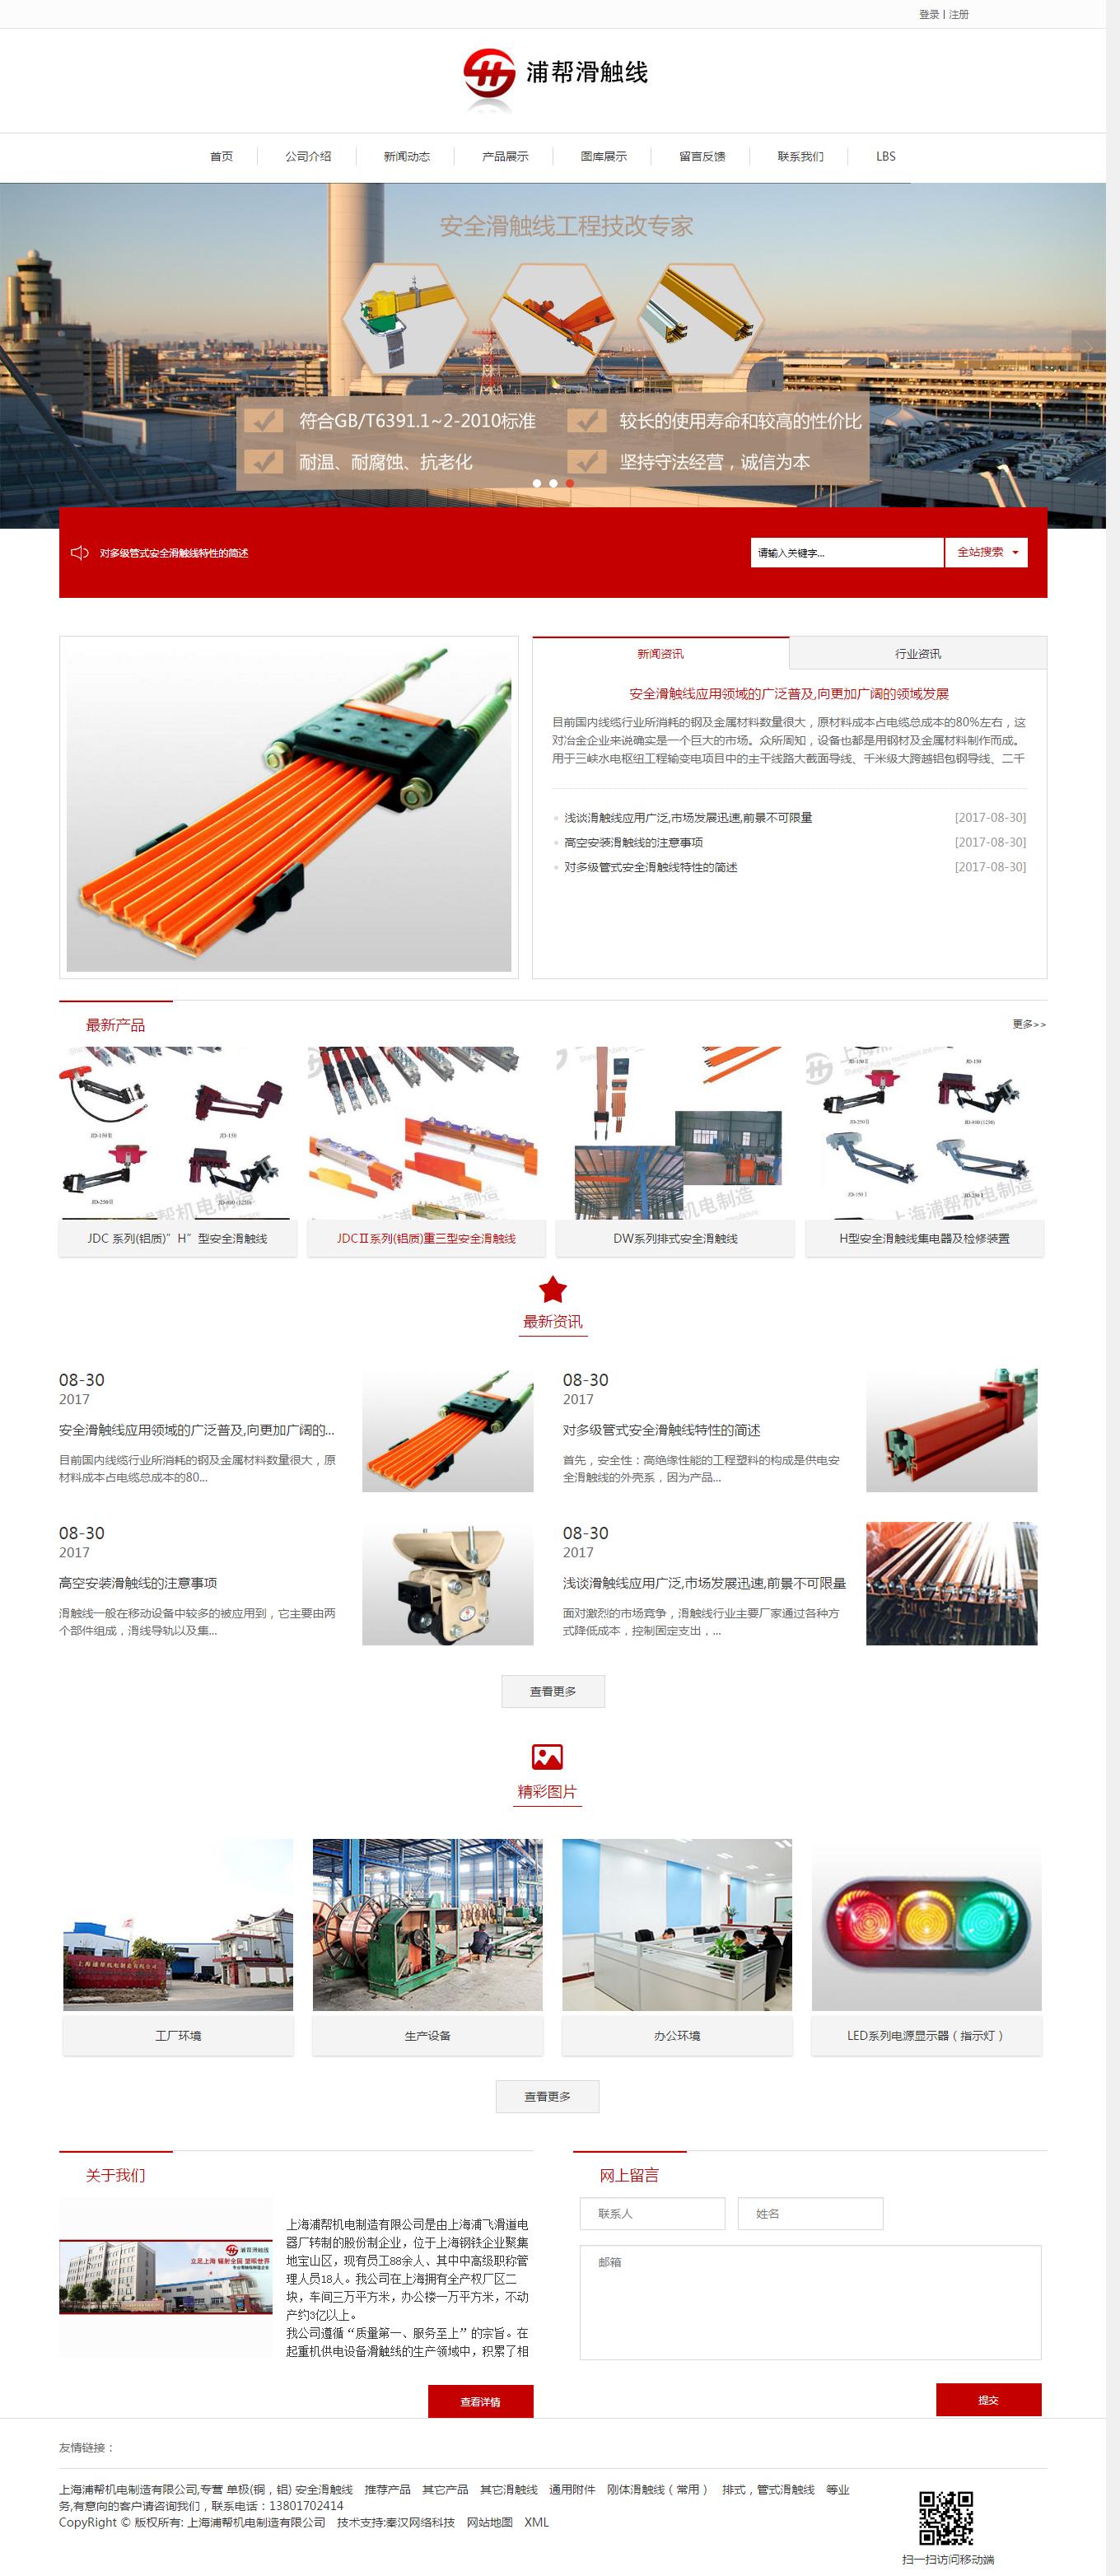 上海浦帮机电制造有限公司,上海滑触线厂家,上海指示灯厂家,上海滑触线,安全滑触线,钢体滑触线厂家.png